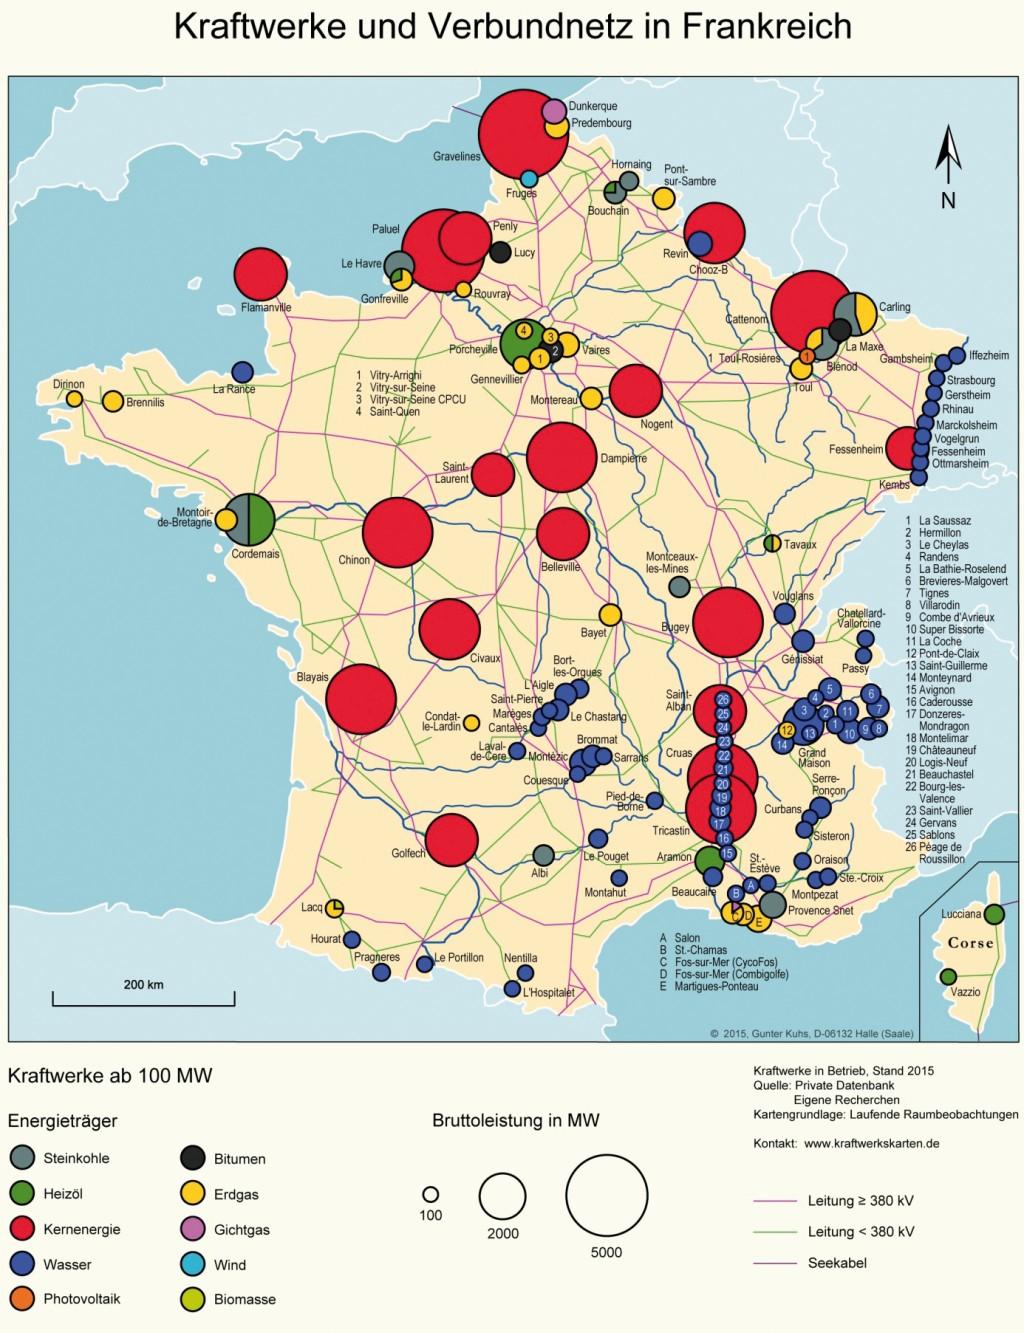 Bild 15 Kraftwerke und Verbundnetz in Frankreich. Bild: eigene Darstellung